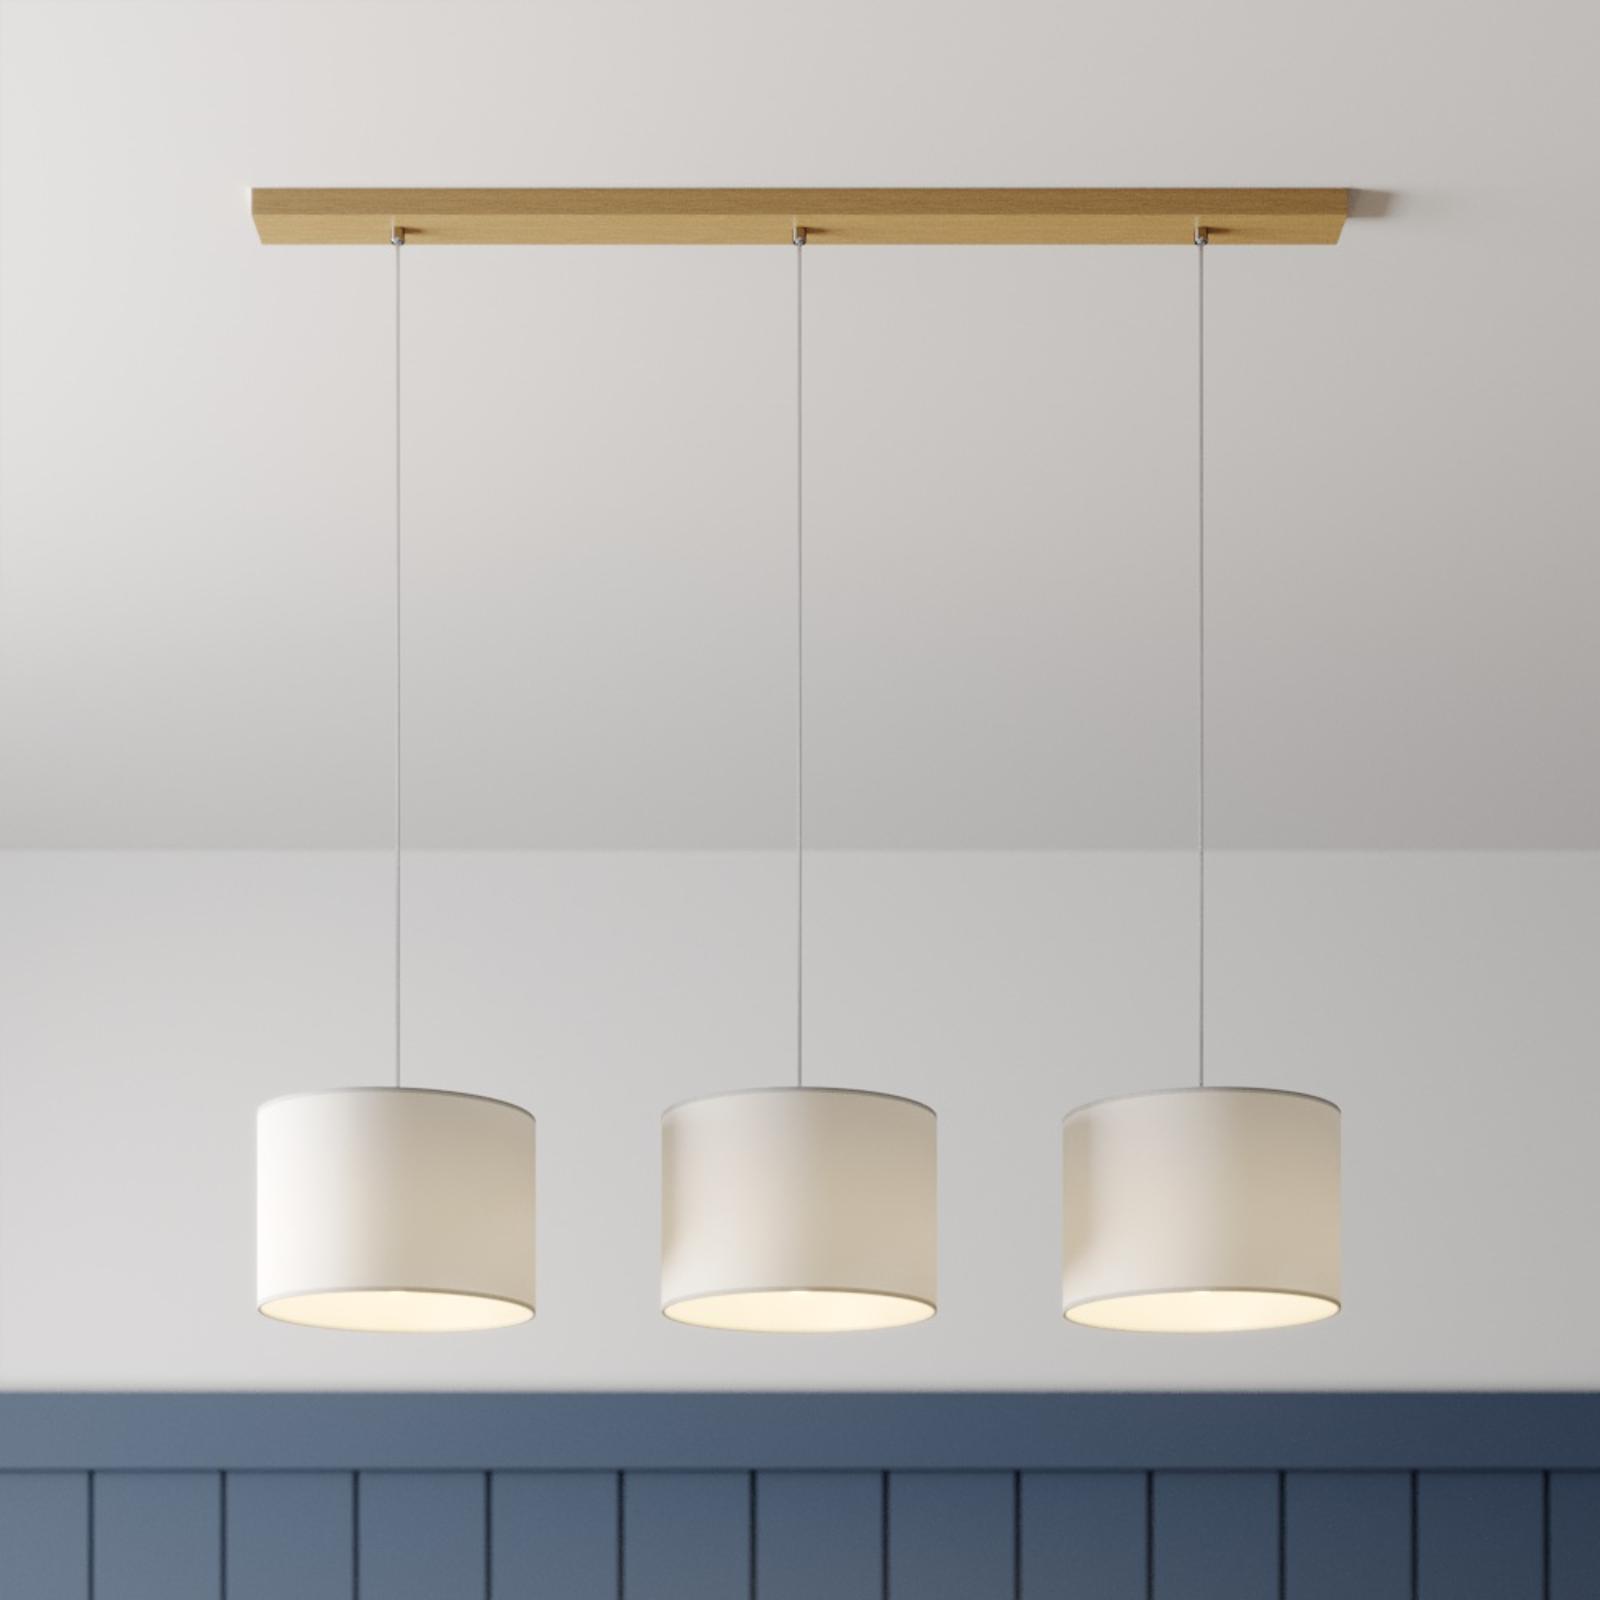 Závěsné světlo Corralee, bílá, tři zdroje